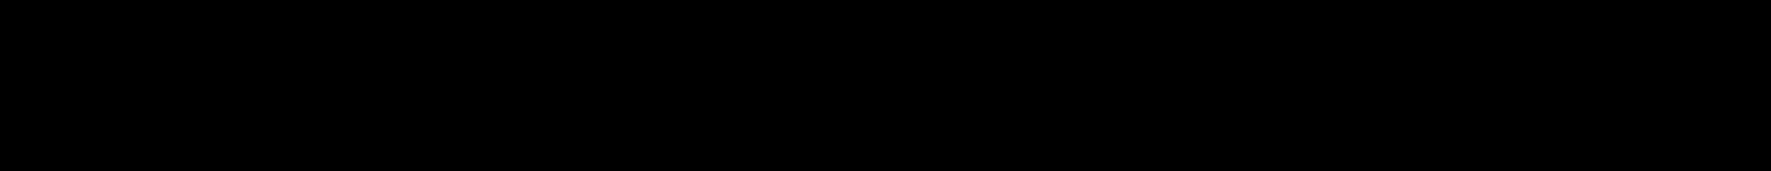 Kawaii Font Fontspace